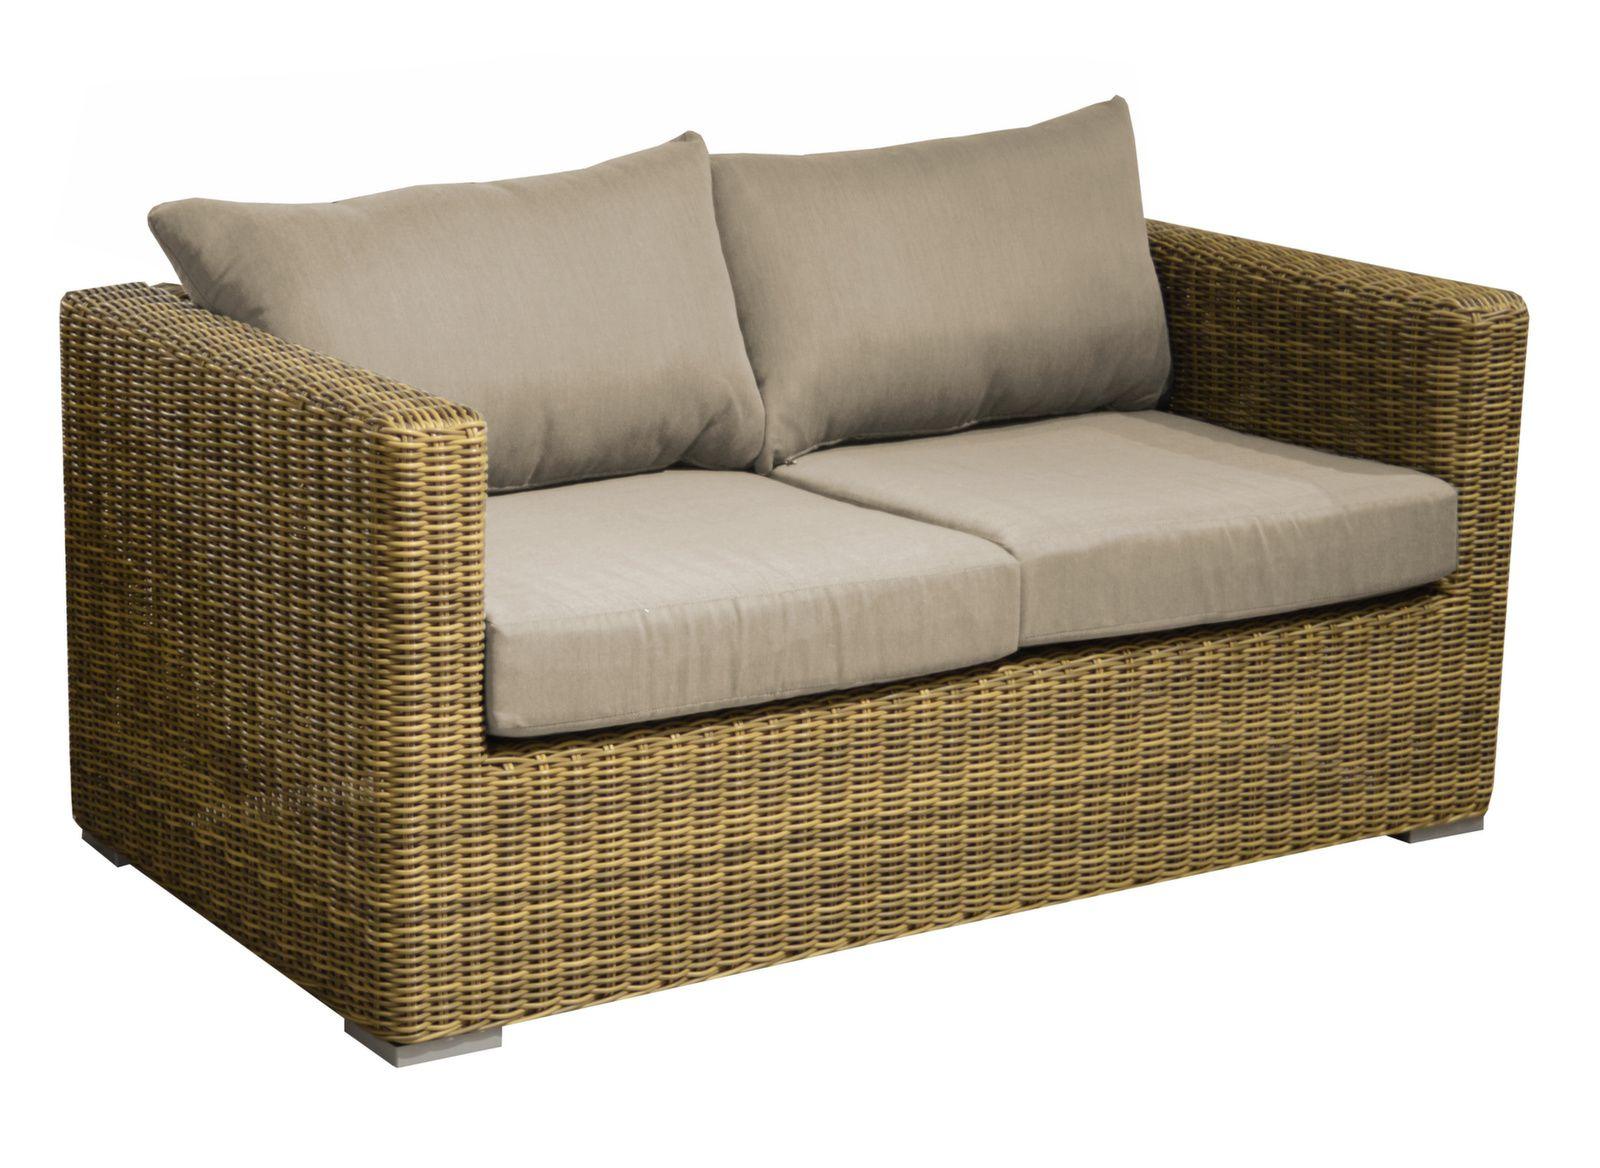 canap 2 places rattan mobilier de jardin de d tente bons plans et promotions proloisirs. Black Bedroom Furniture Sets. Home Design Ideas